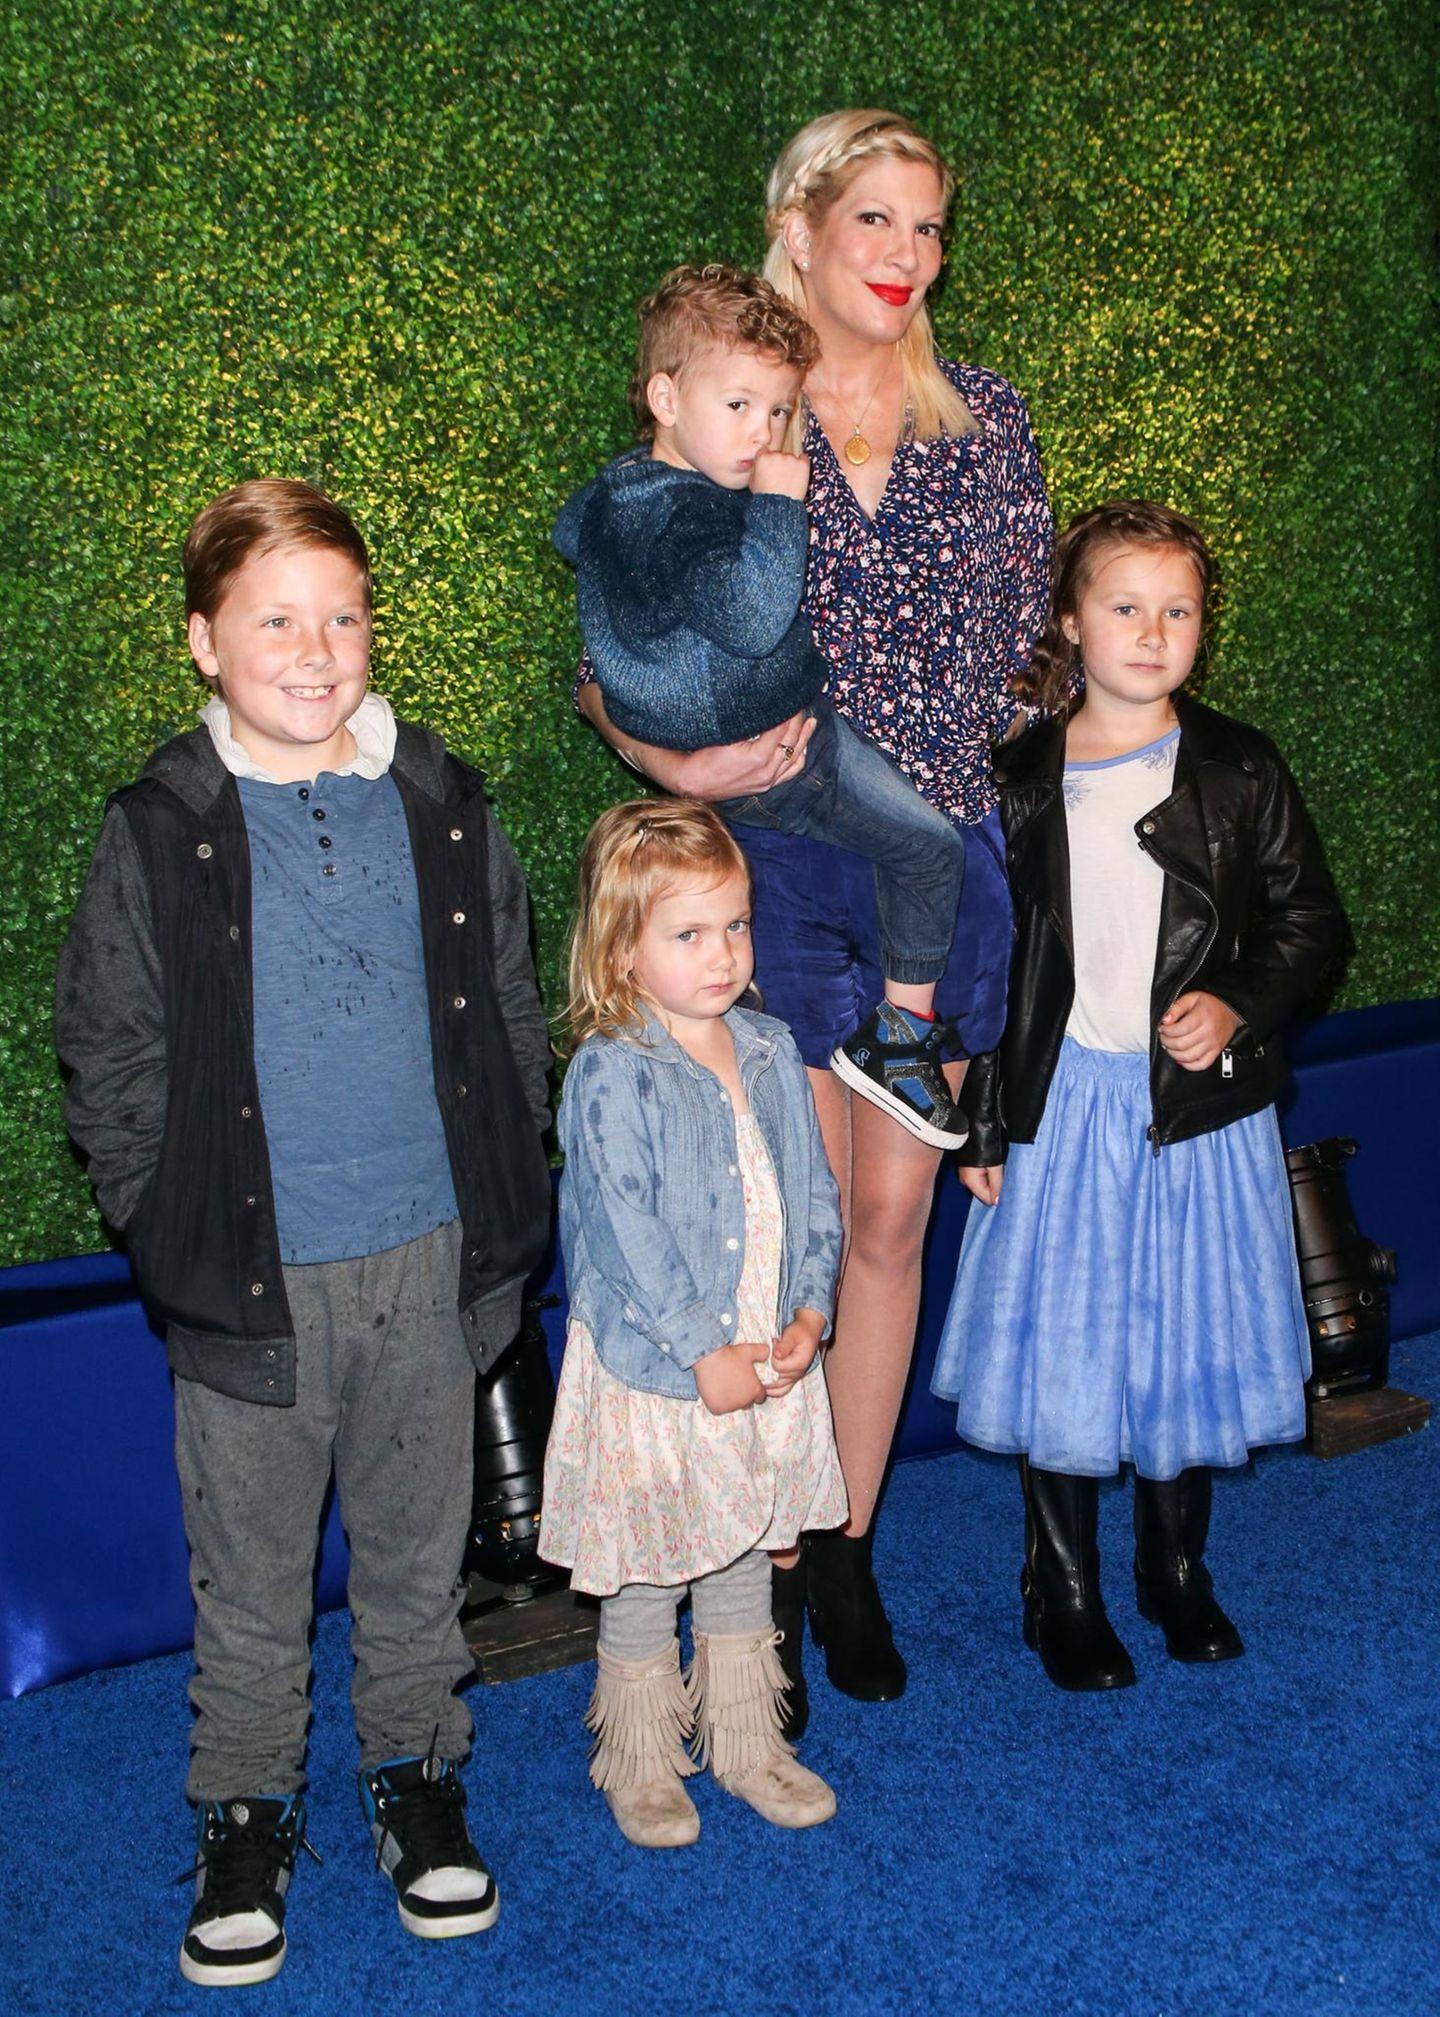 Mai 2015  Tori Spelling posiert mit ihren Kindern für die Kameras, noch sind diese etwas eingeschüchtert von der ganzen Aufmerksamkeit.